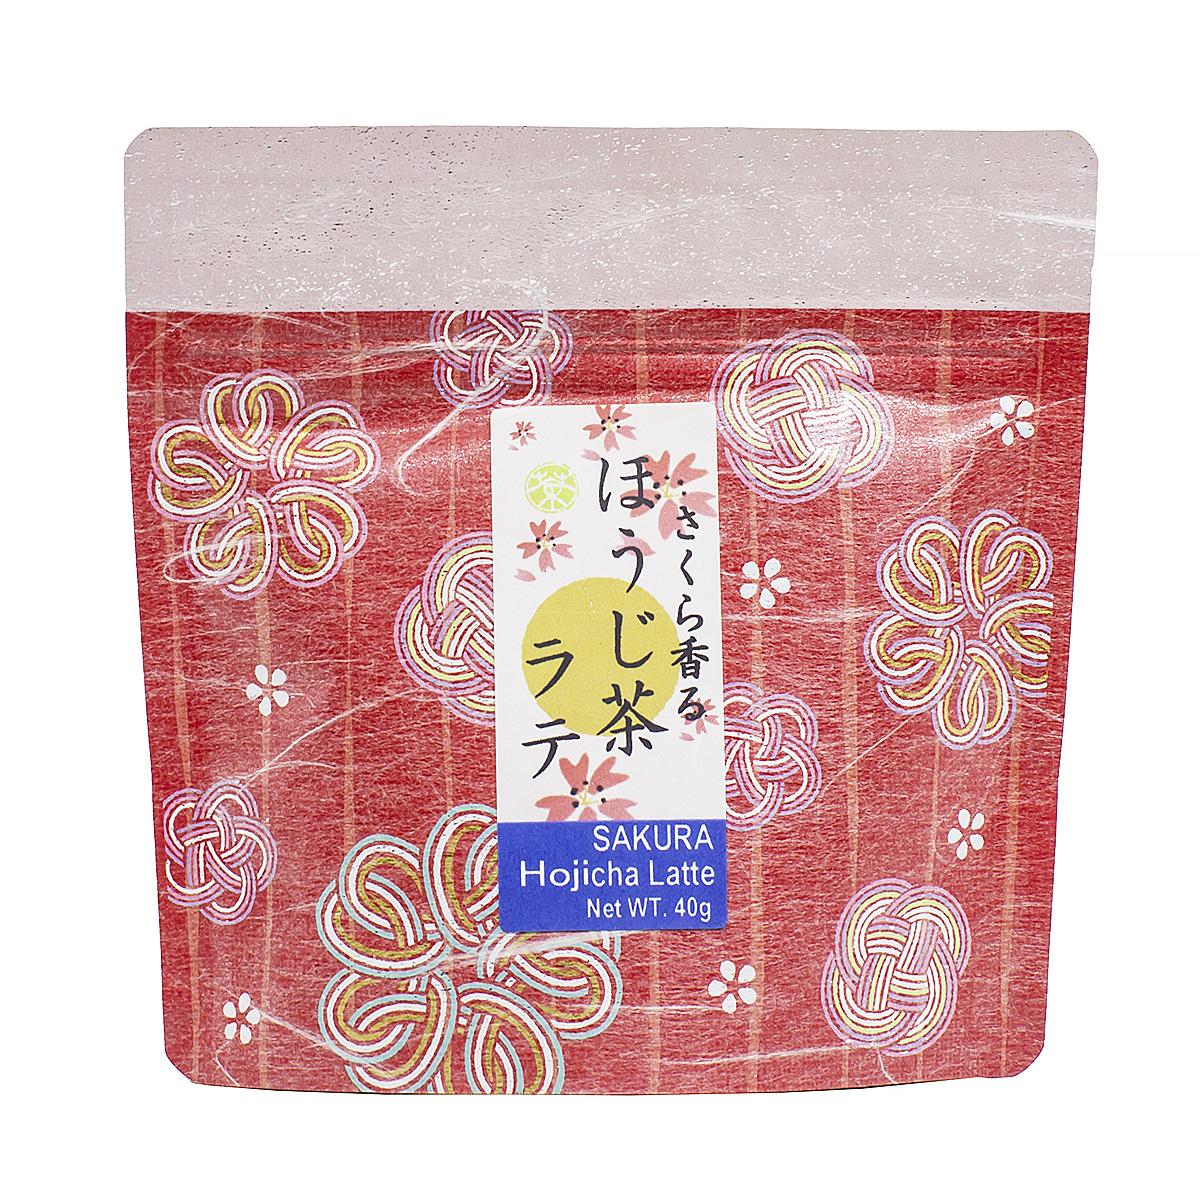 Чай зеленый Сакура Ходзича Латте, 40 г